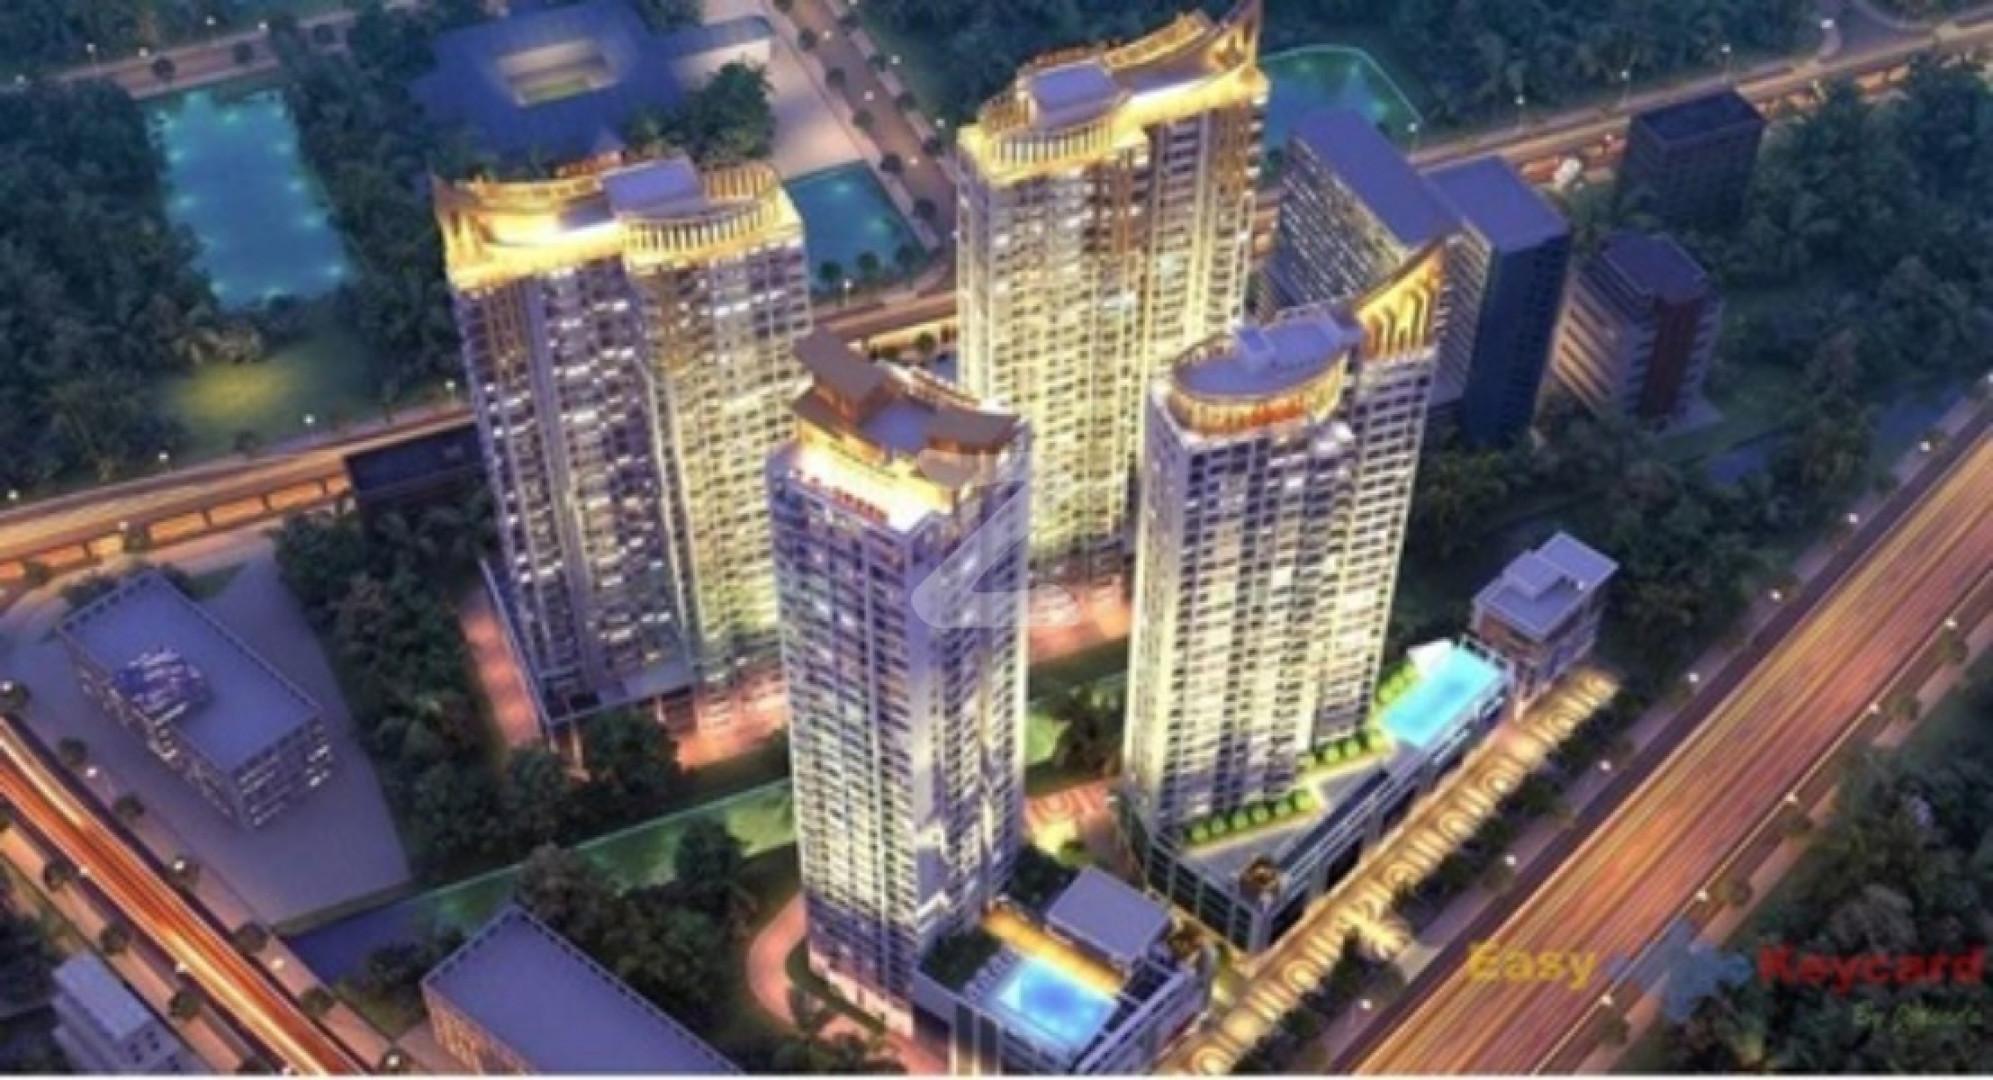 ทีซี-กรีน คอนโดมิเนียม เฟส 2 T.C.Green Condominium Phase 2